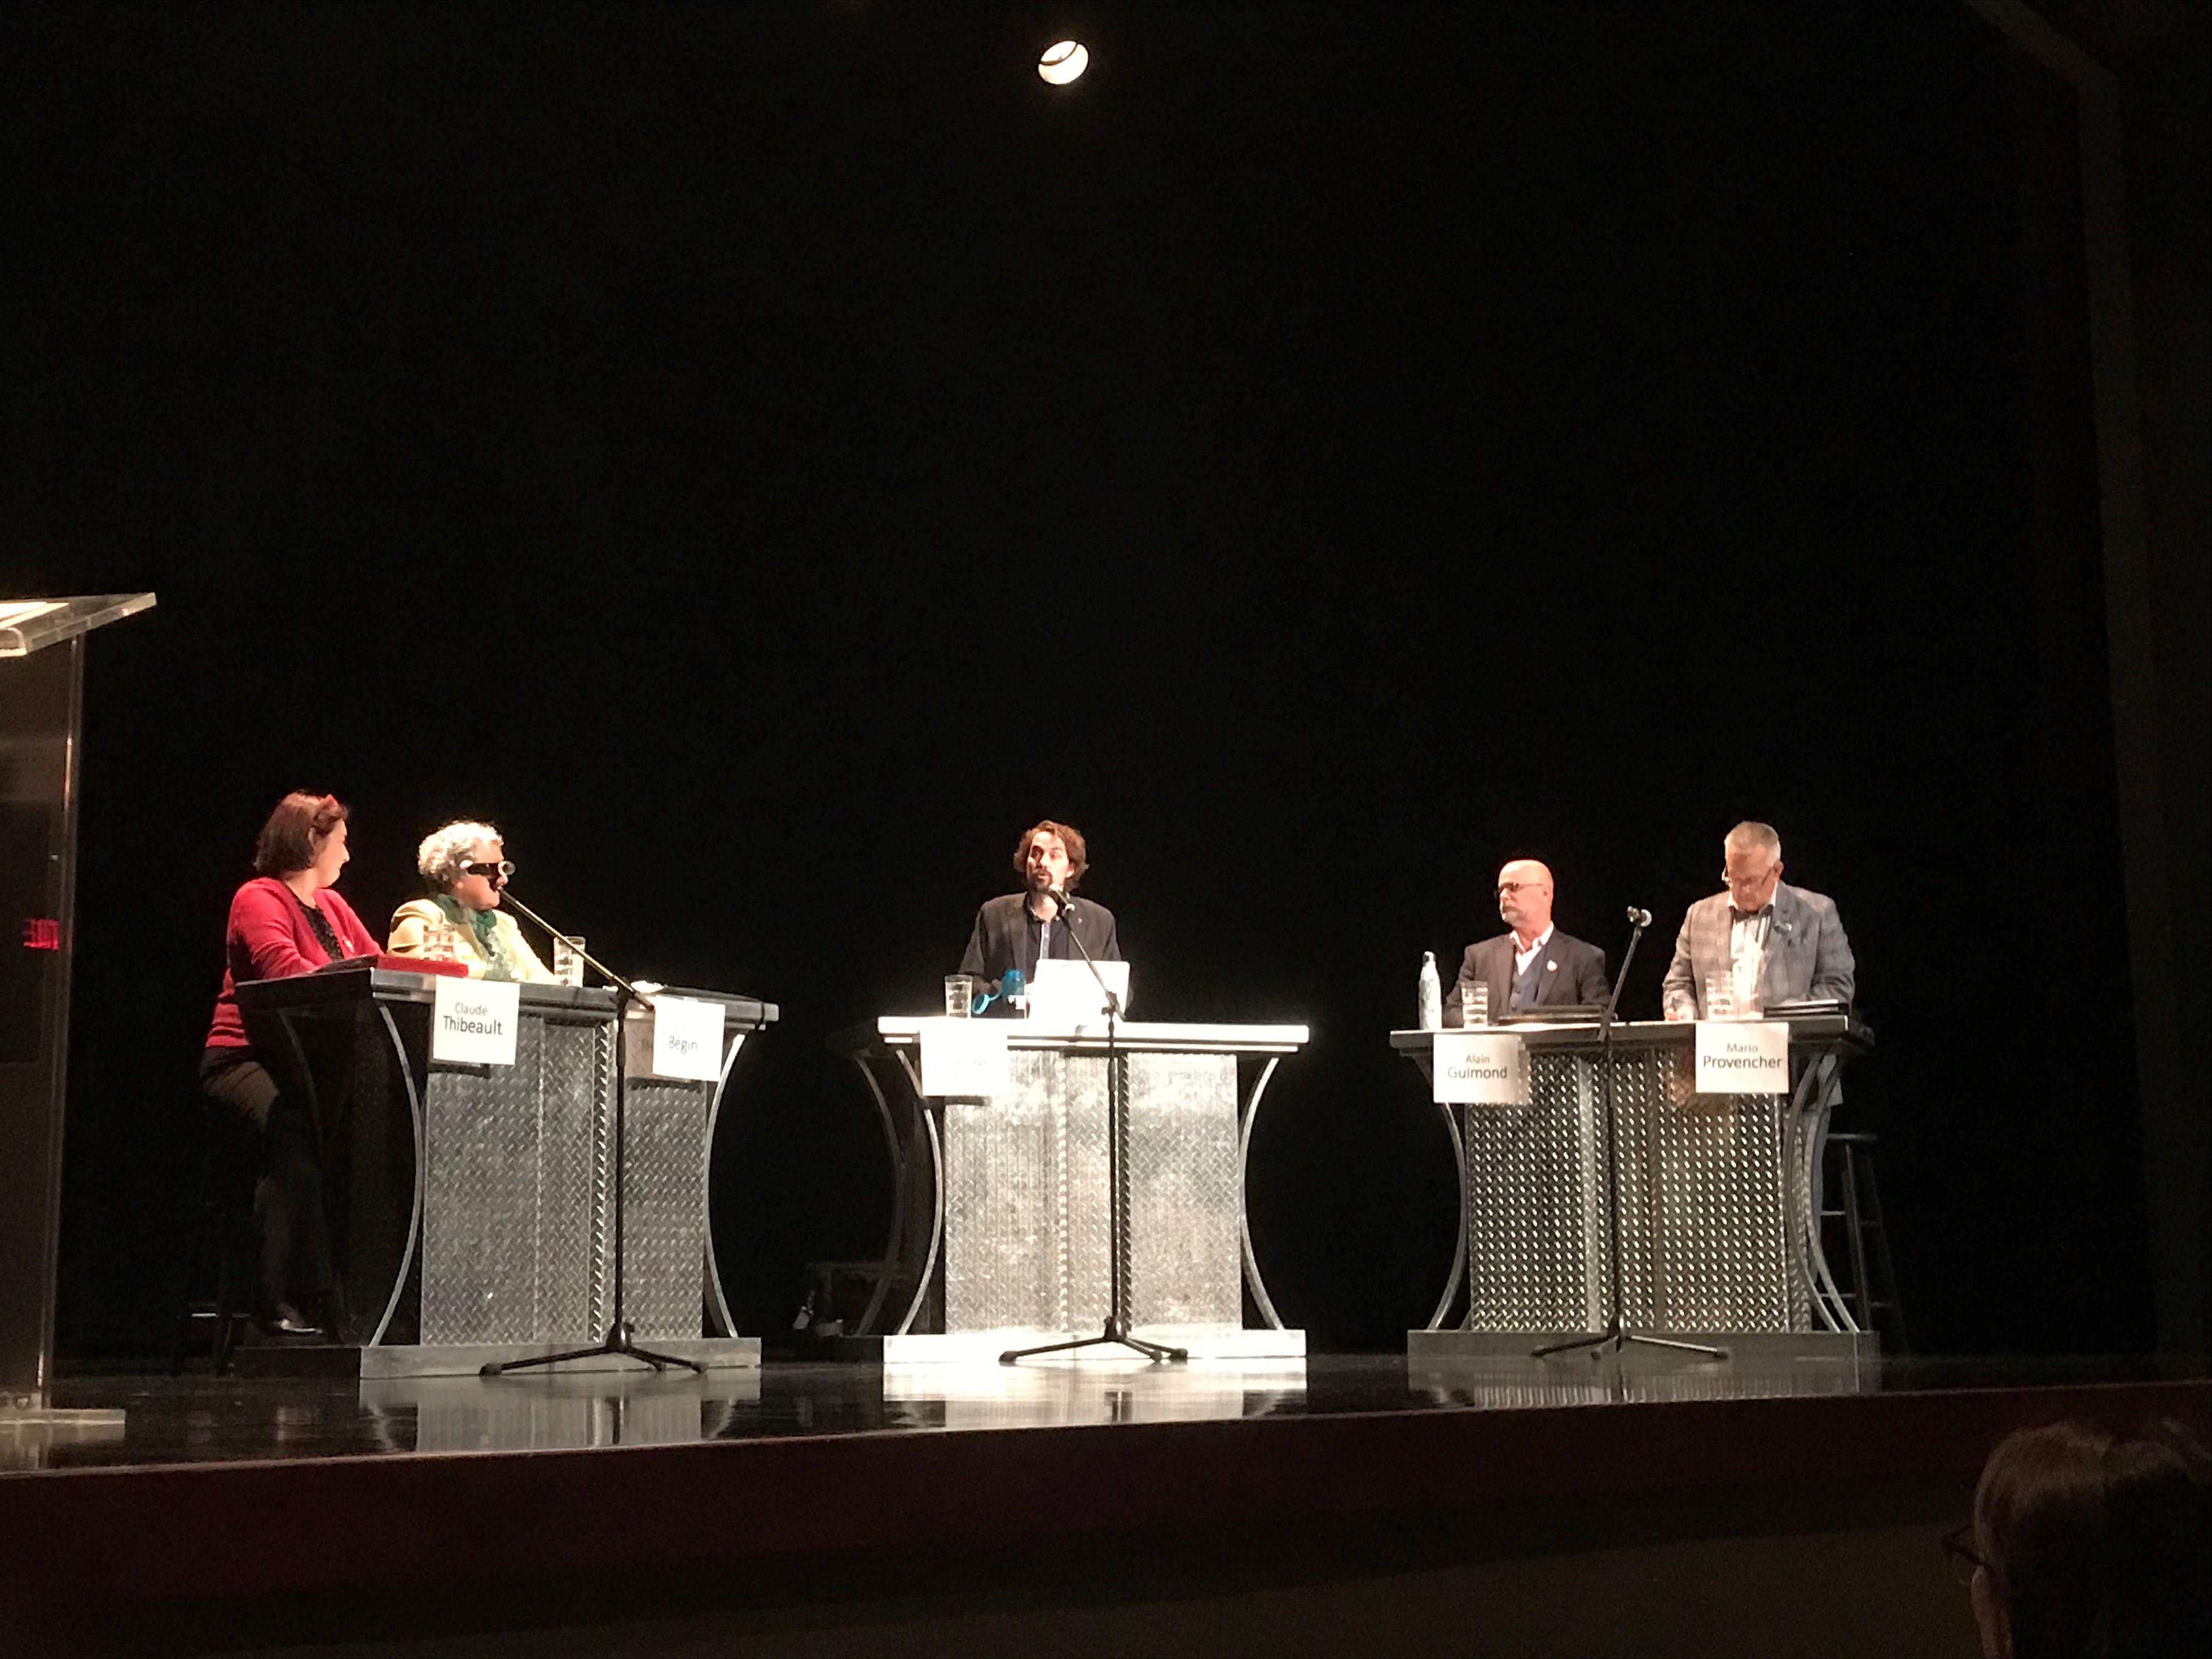 Débat élections fédérales 2019 Polyno La Sarre